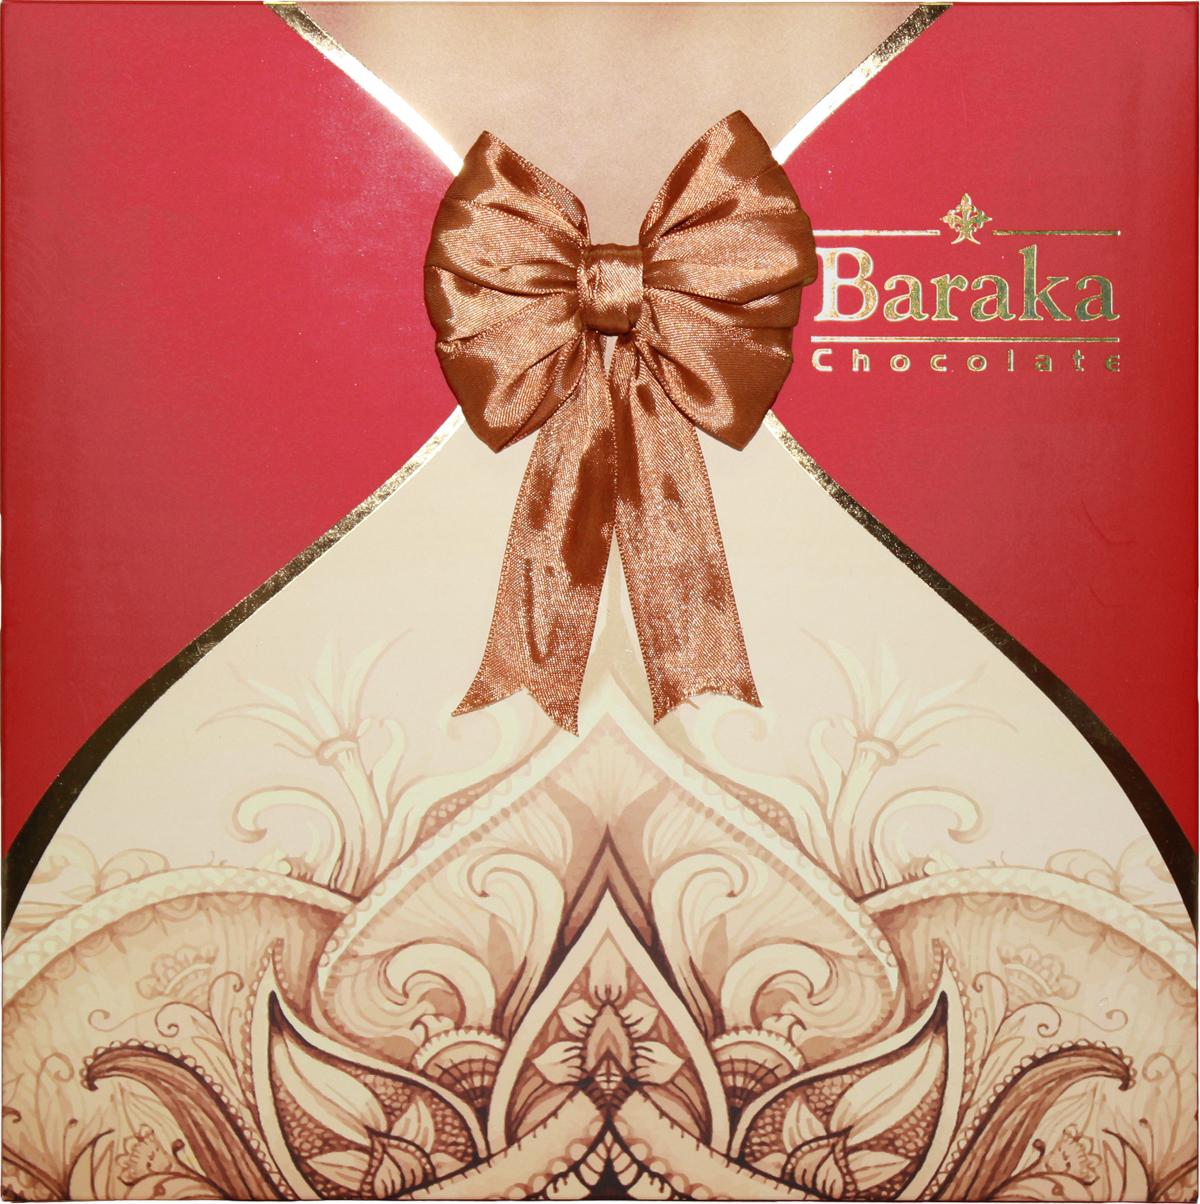 Baraka Бану ассорти шоколадных конфет, 240 г декоративное украшение home queen приветливый цыпленок цвет желтый 8 х 11 см